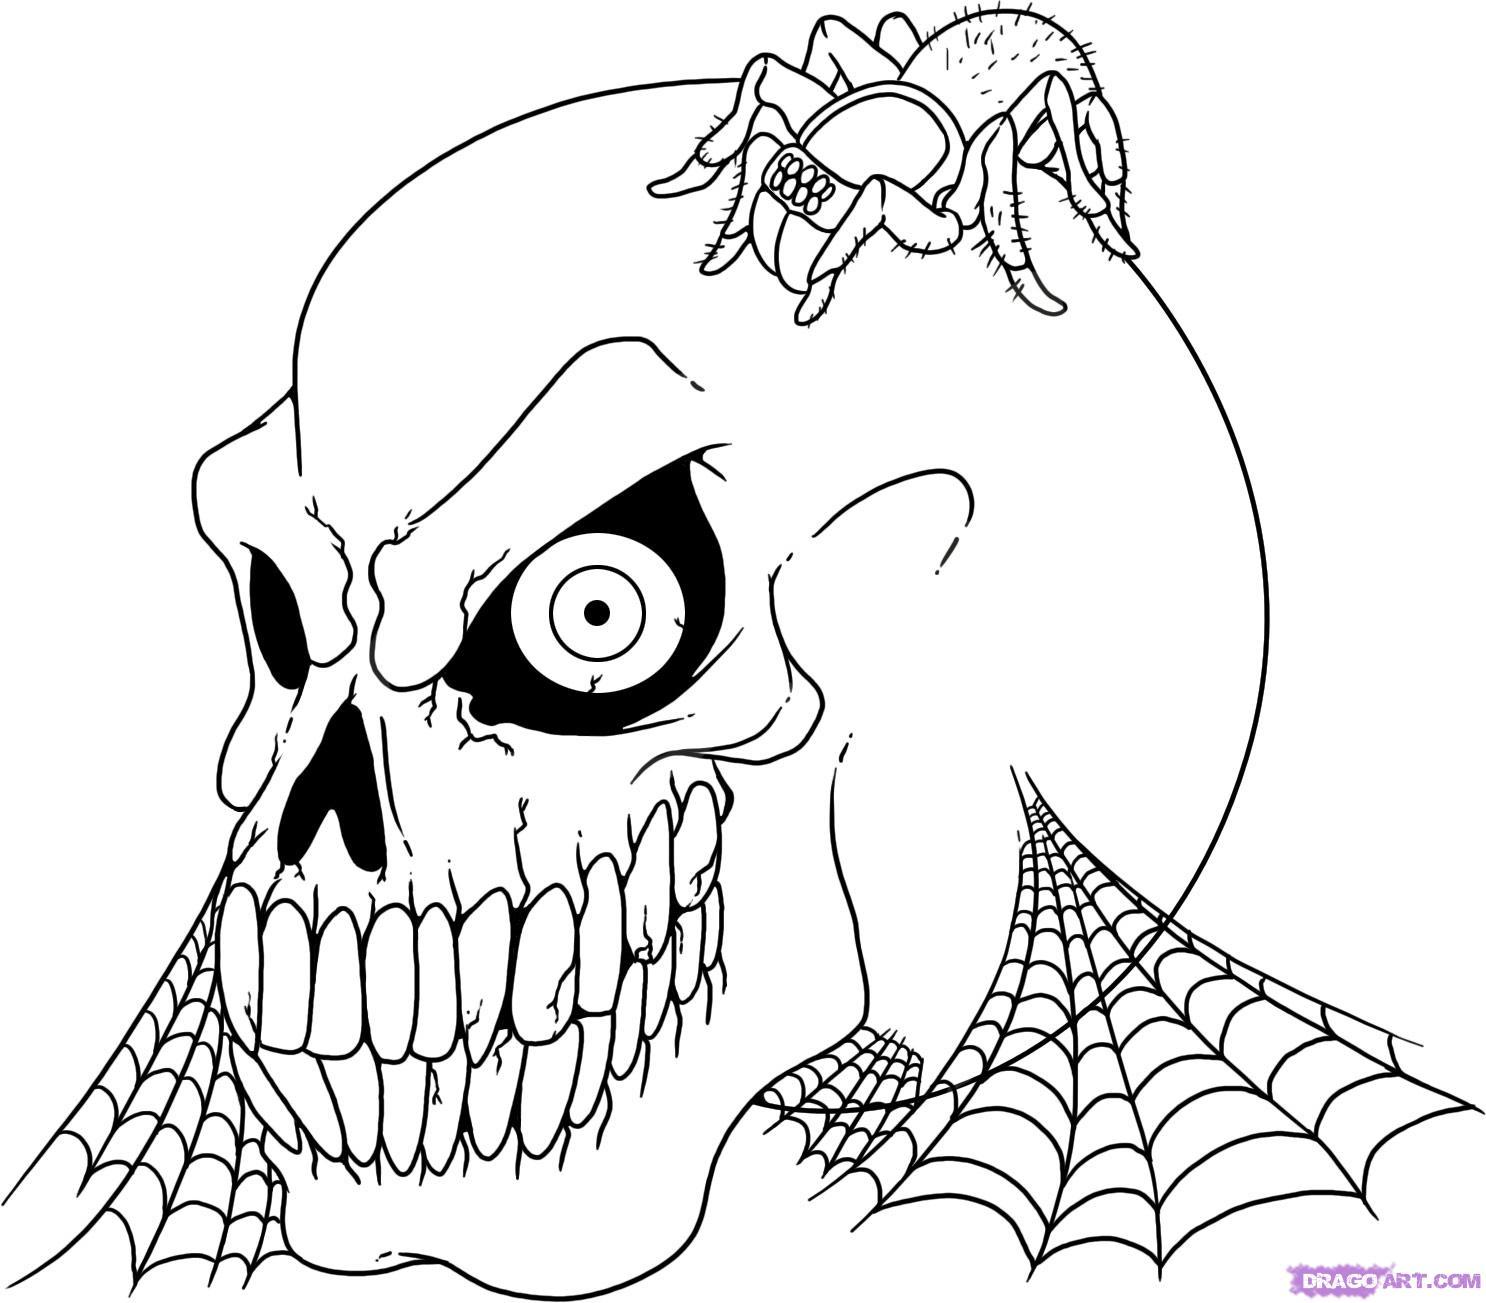 Sleleton coloring #1, Download drawings